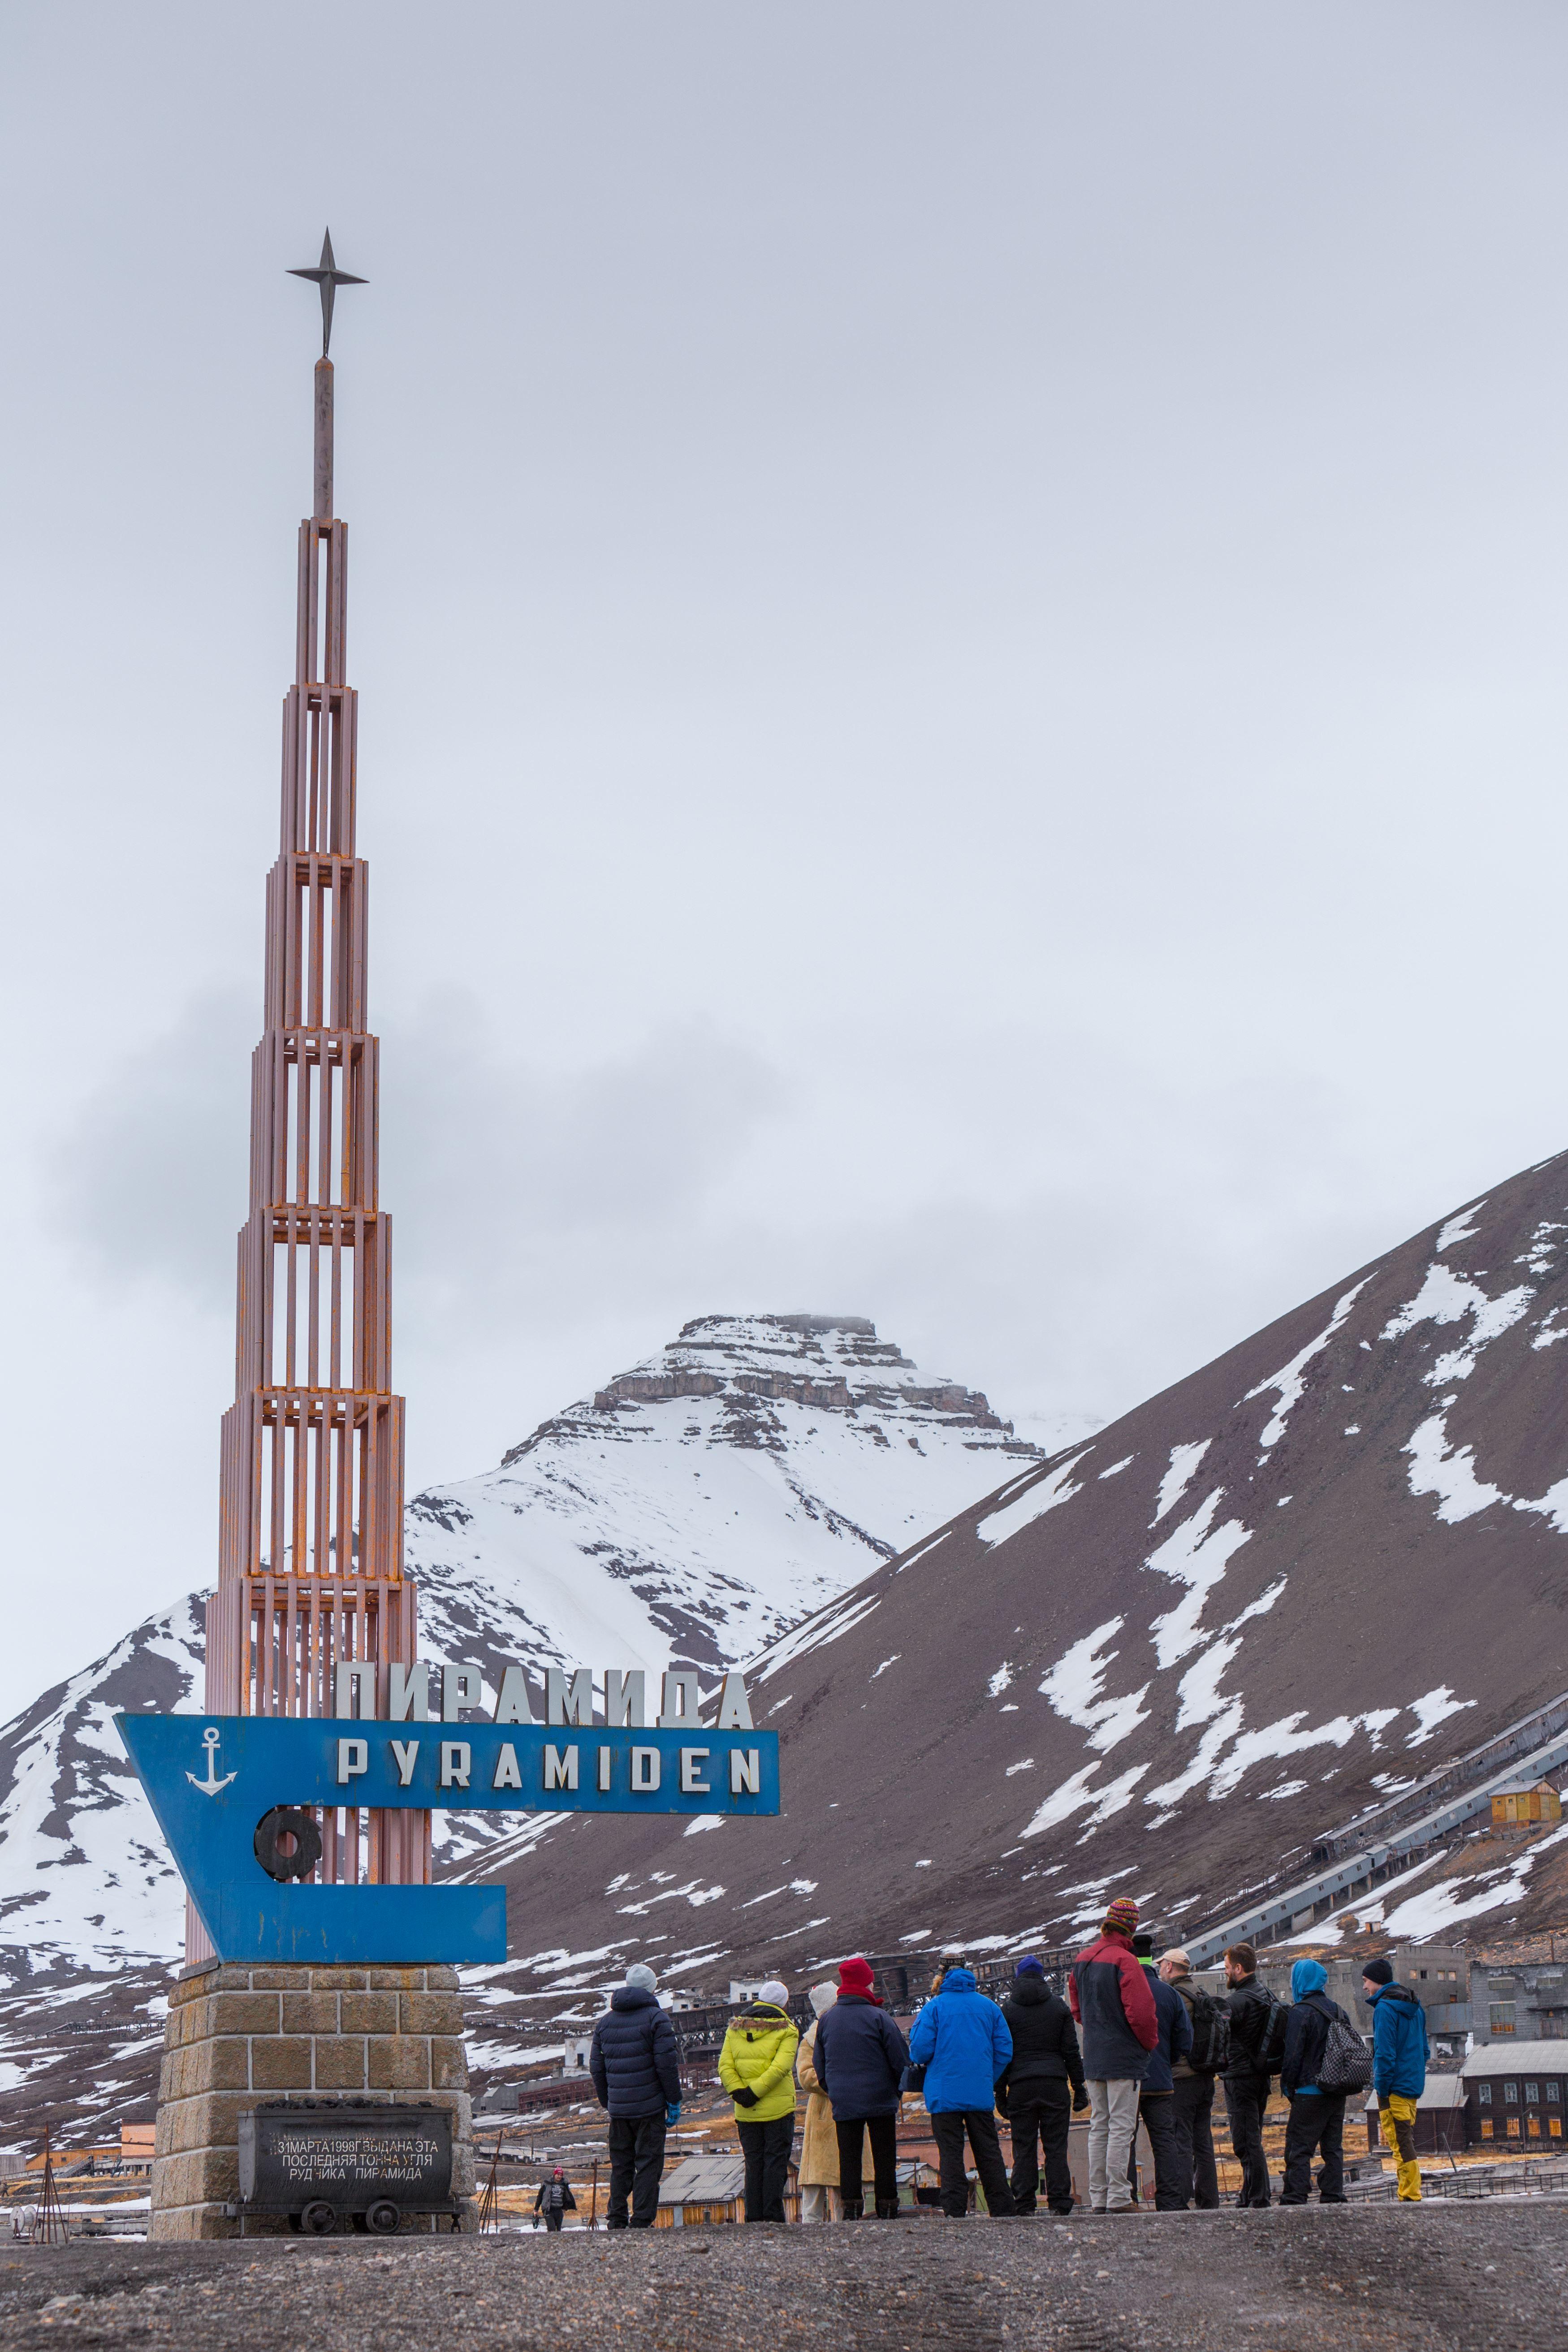 Fjord Cruise to Pyramiden